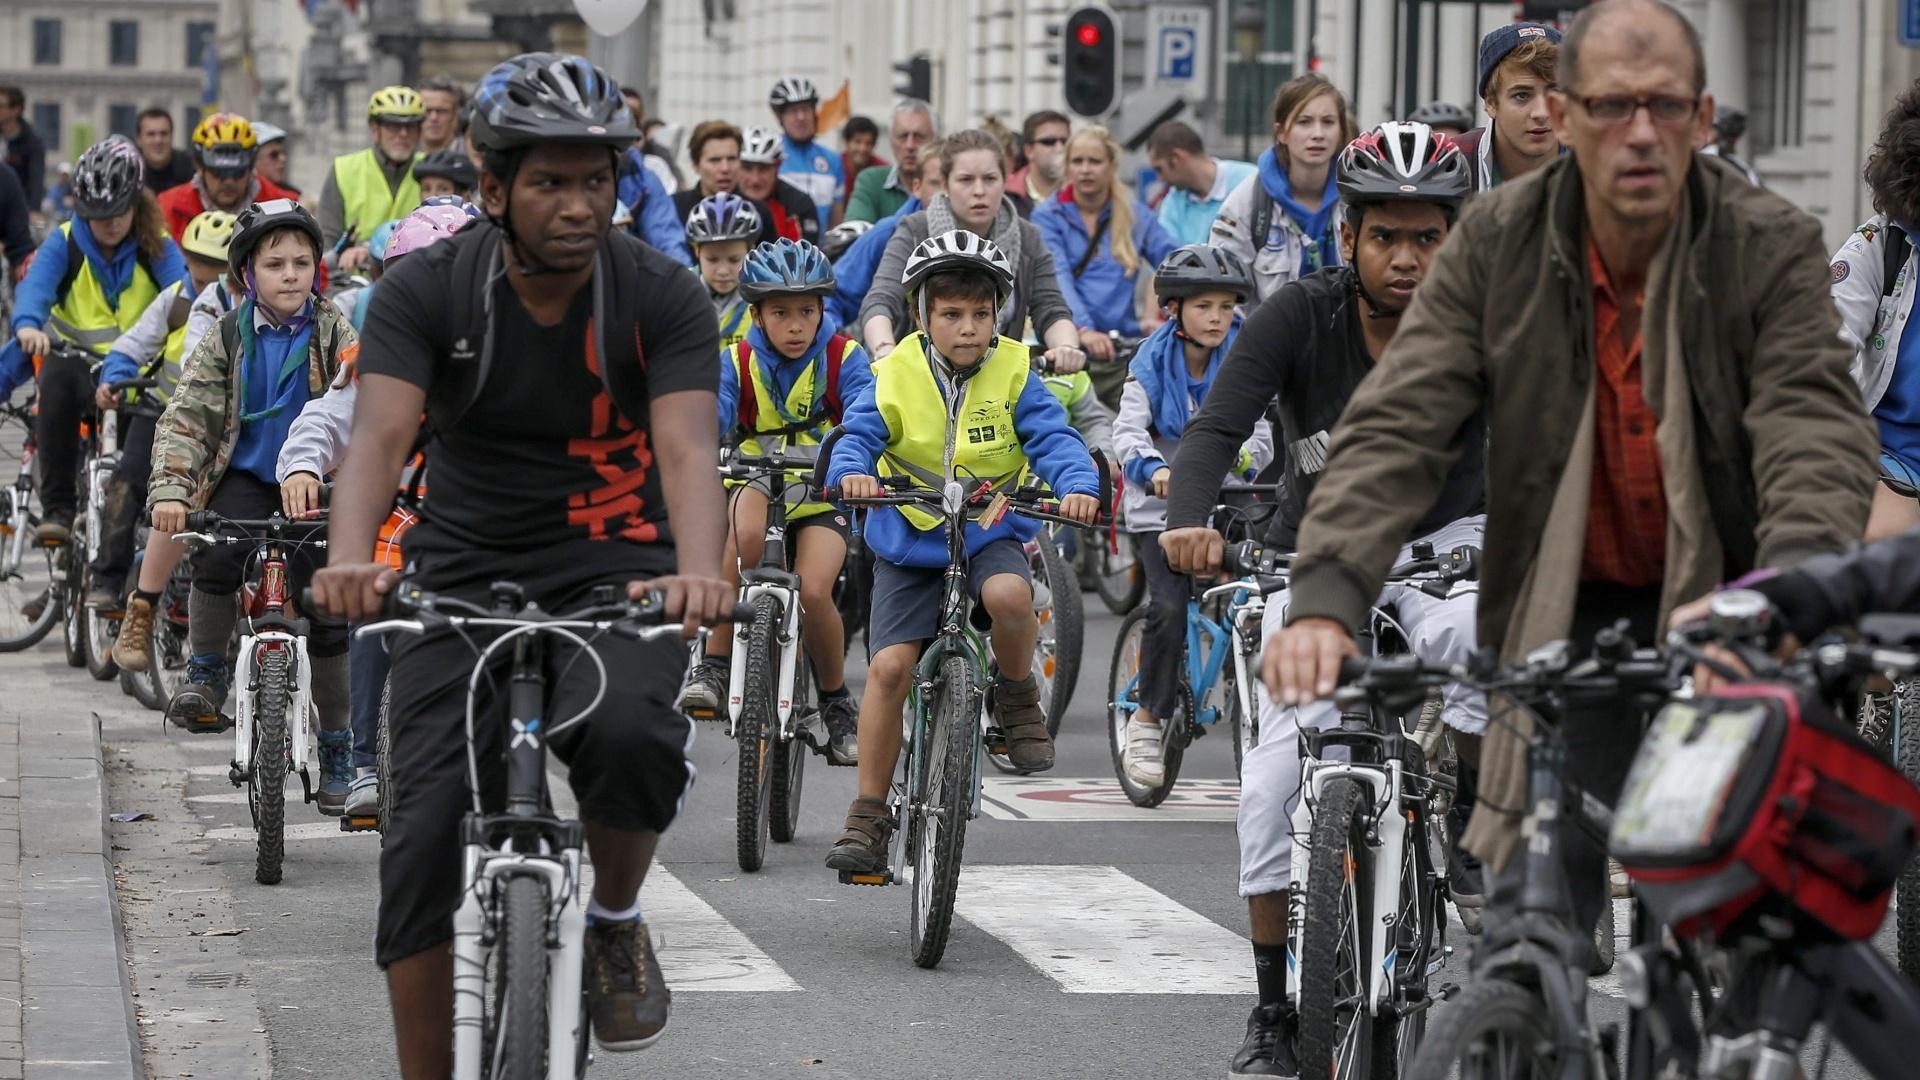 22.set.2013 - Ciclistas andam de bicicleta no Dia Mundial Sem Carro, em Bruxelas, na Bélgica. Os 19 municípios da região de Bruxelas fecharam vias para o tráfego de automóveis, como parte da Semana da Mobilidade